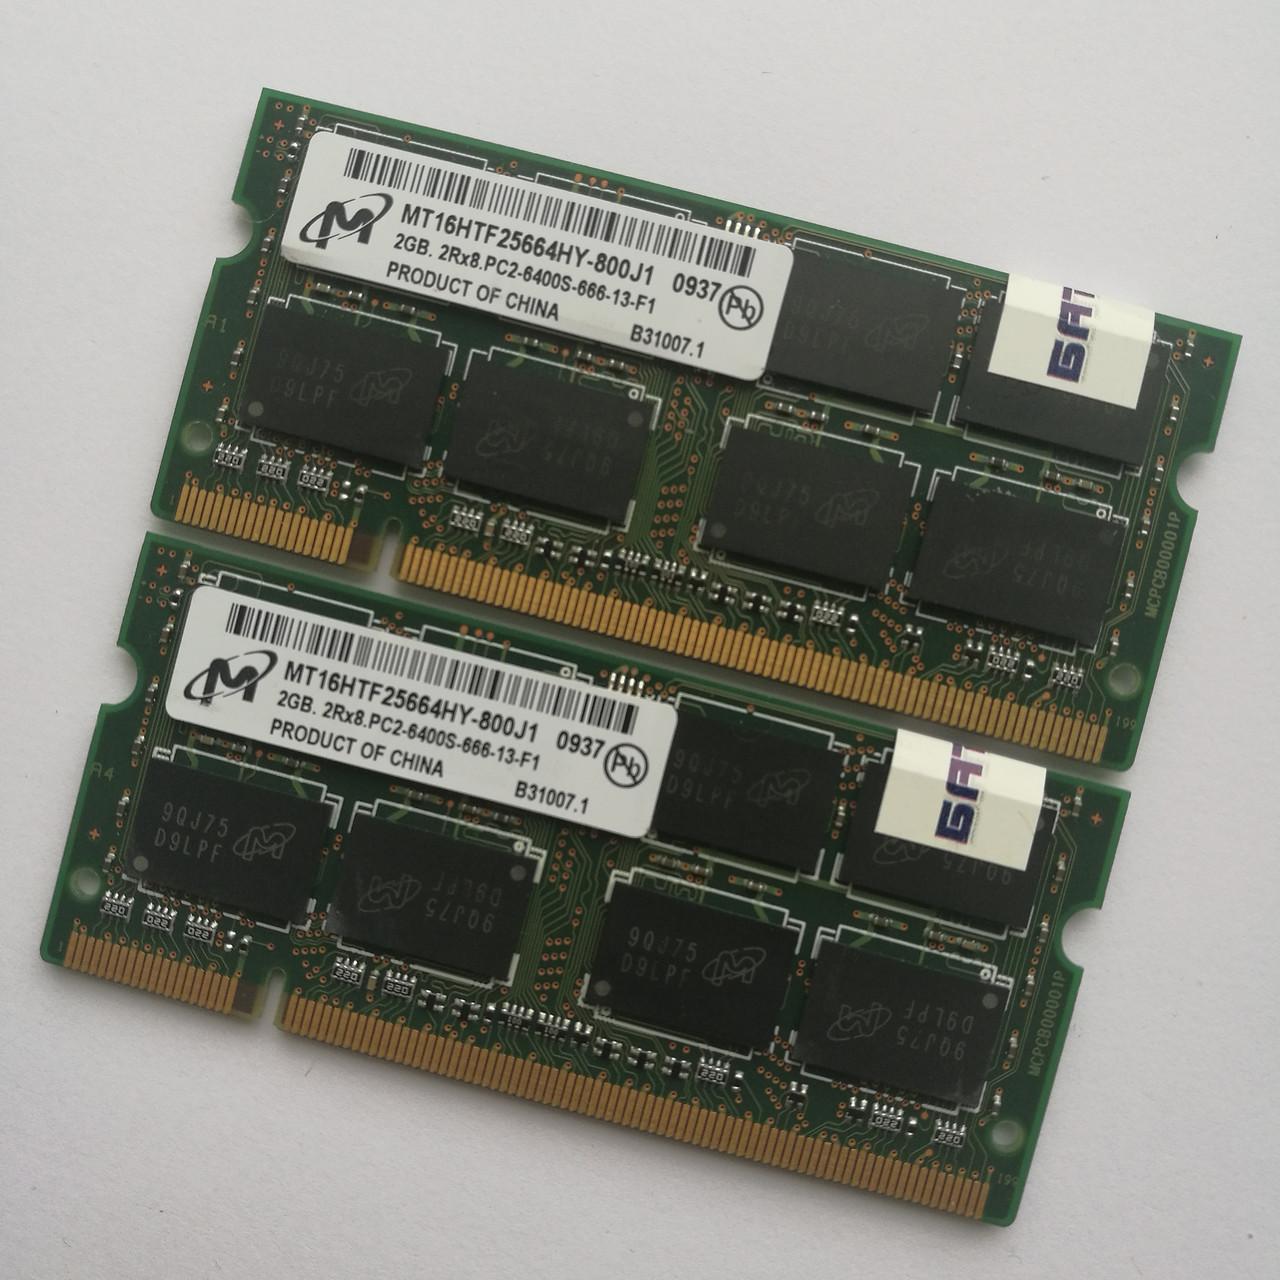 Комплект оперативной памяти Micron SODIMM DDR2 4Gb (2Gb+2Gb) 800MHz 6400s CL6 (MT16HTF25664HY-800J1) Б/У